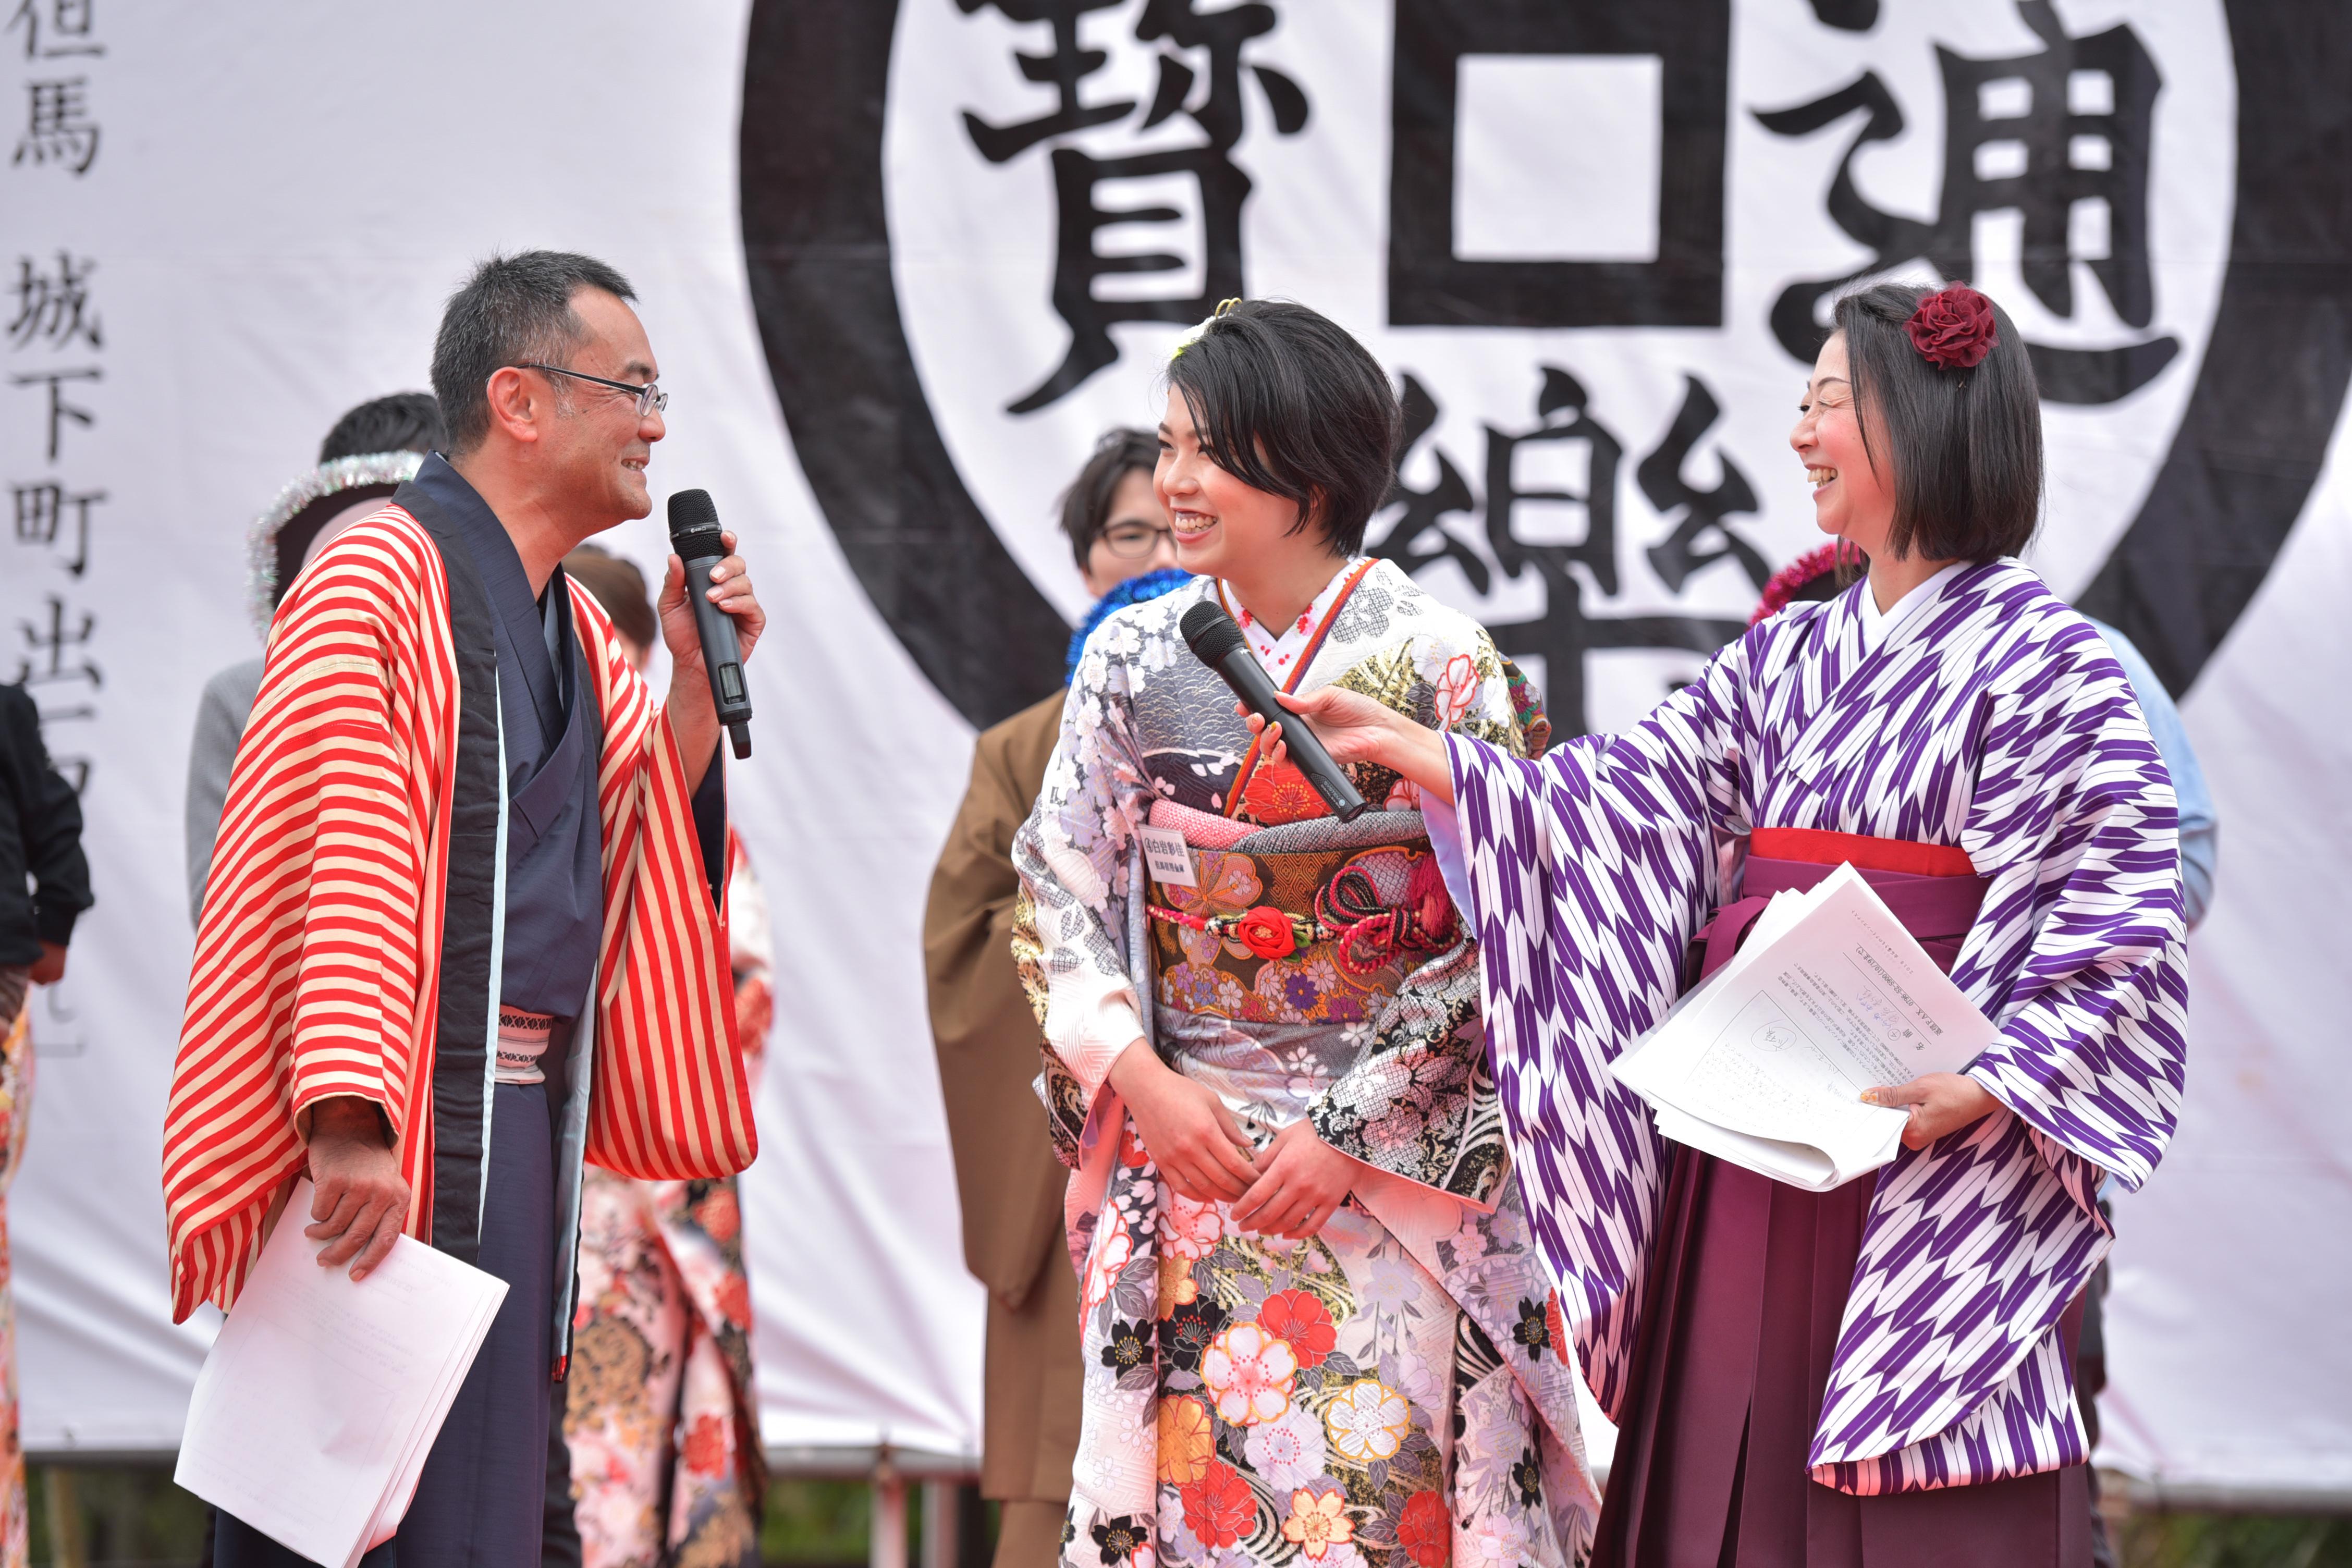 出石藩きもの祭り 2018 クイーンコンテスト